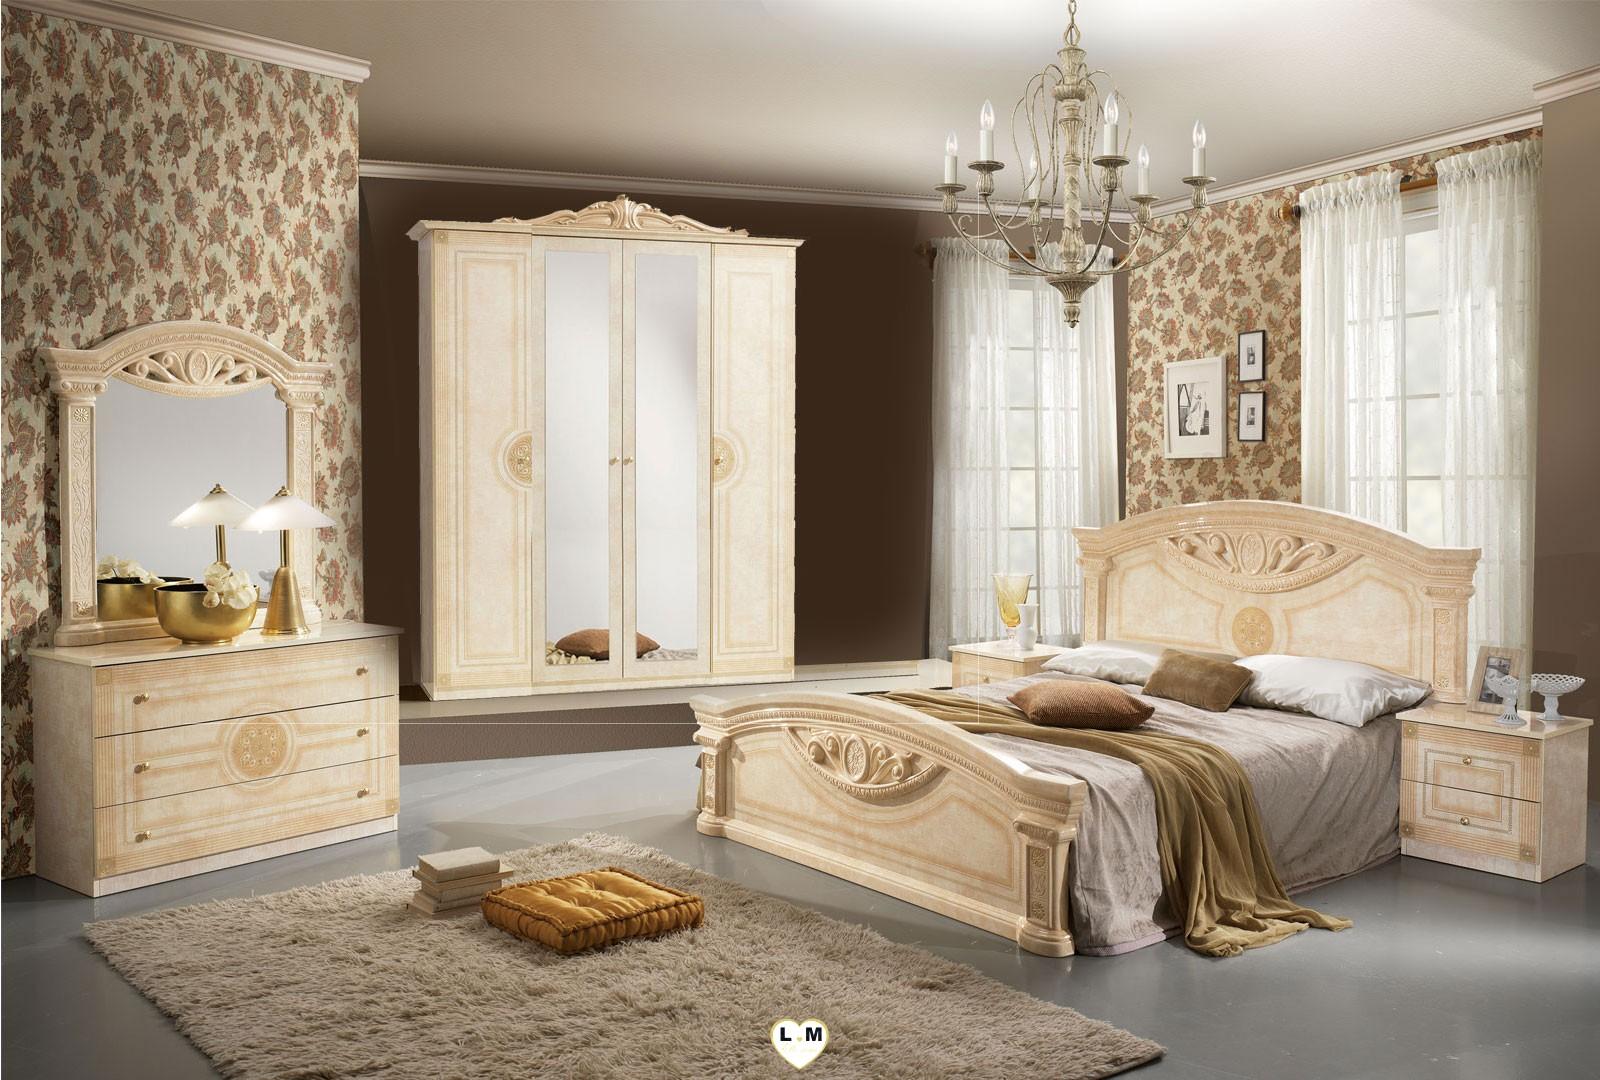 Teva laque beige nuage ensemble chambre a coucher for Ensemble chambre a coucher